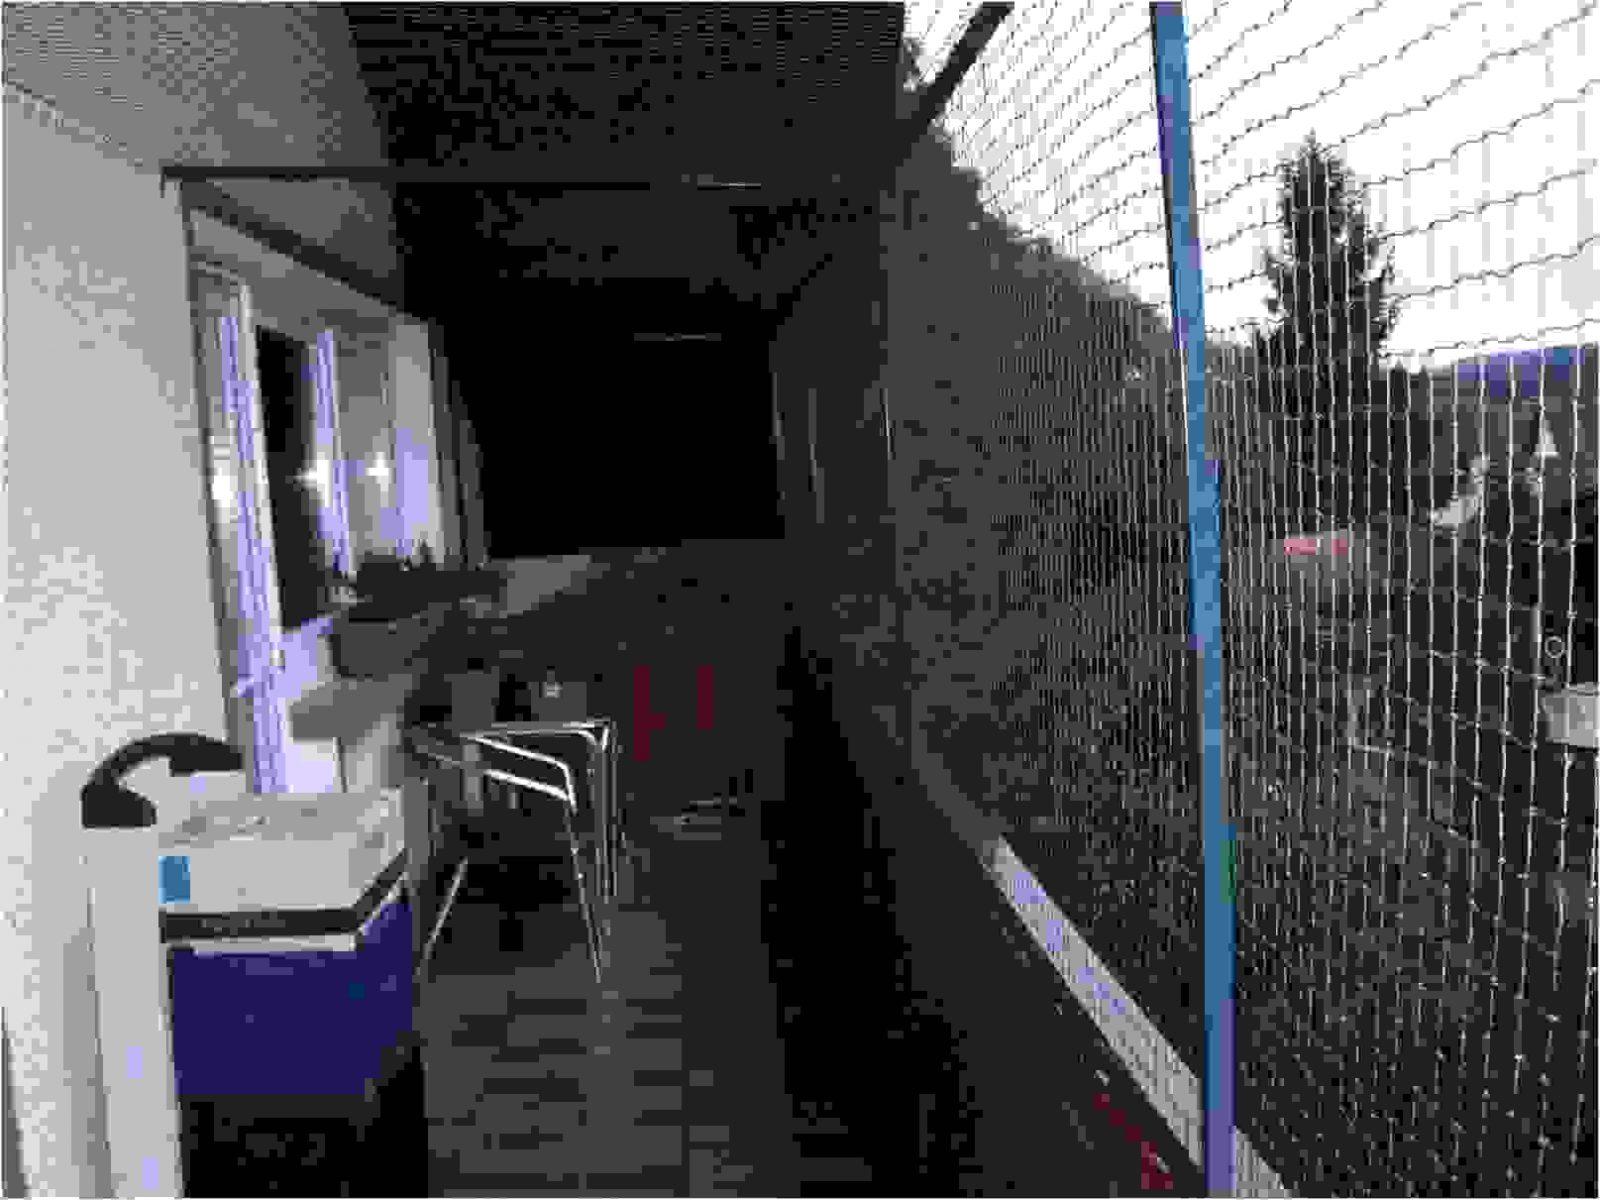 30 Das Beste Balkon Sichtschutz Seitlich Ohne Bohren Konzept  Haus von Balkon Sichtschutz Seitlich Ohne Bohren Bild